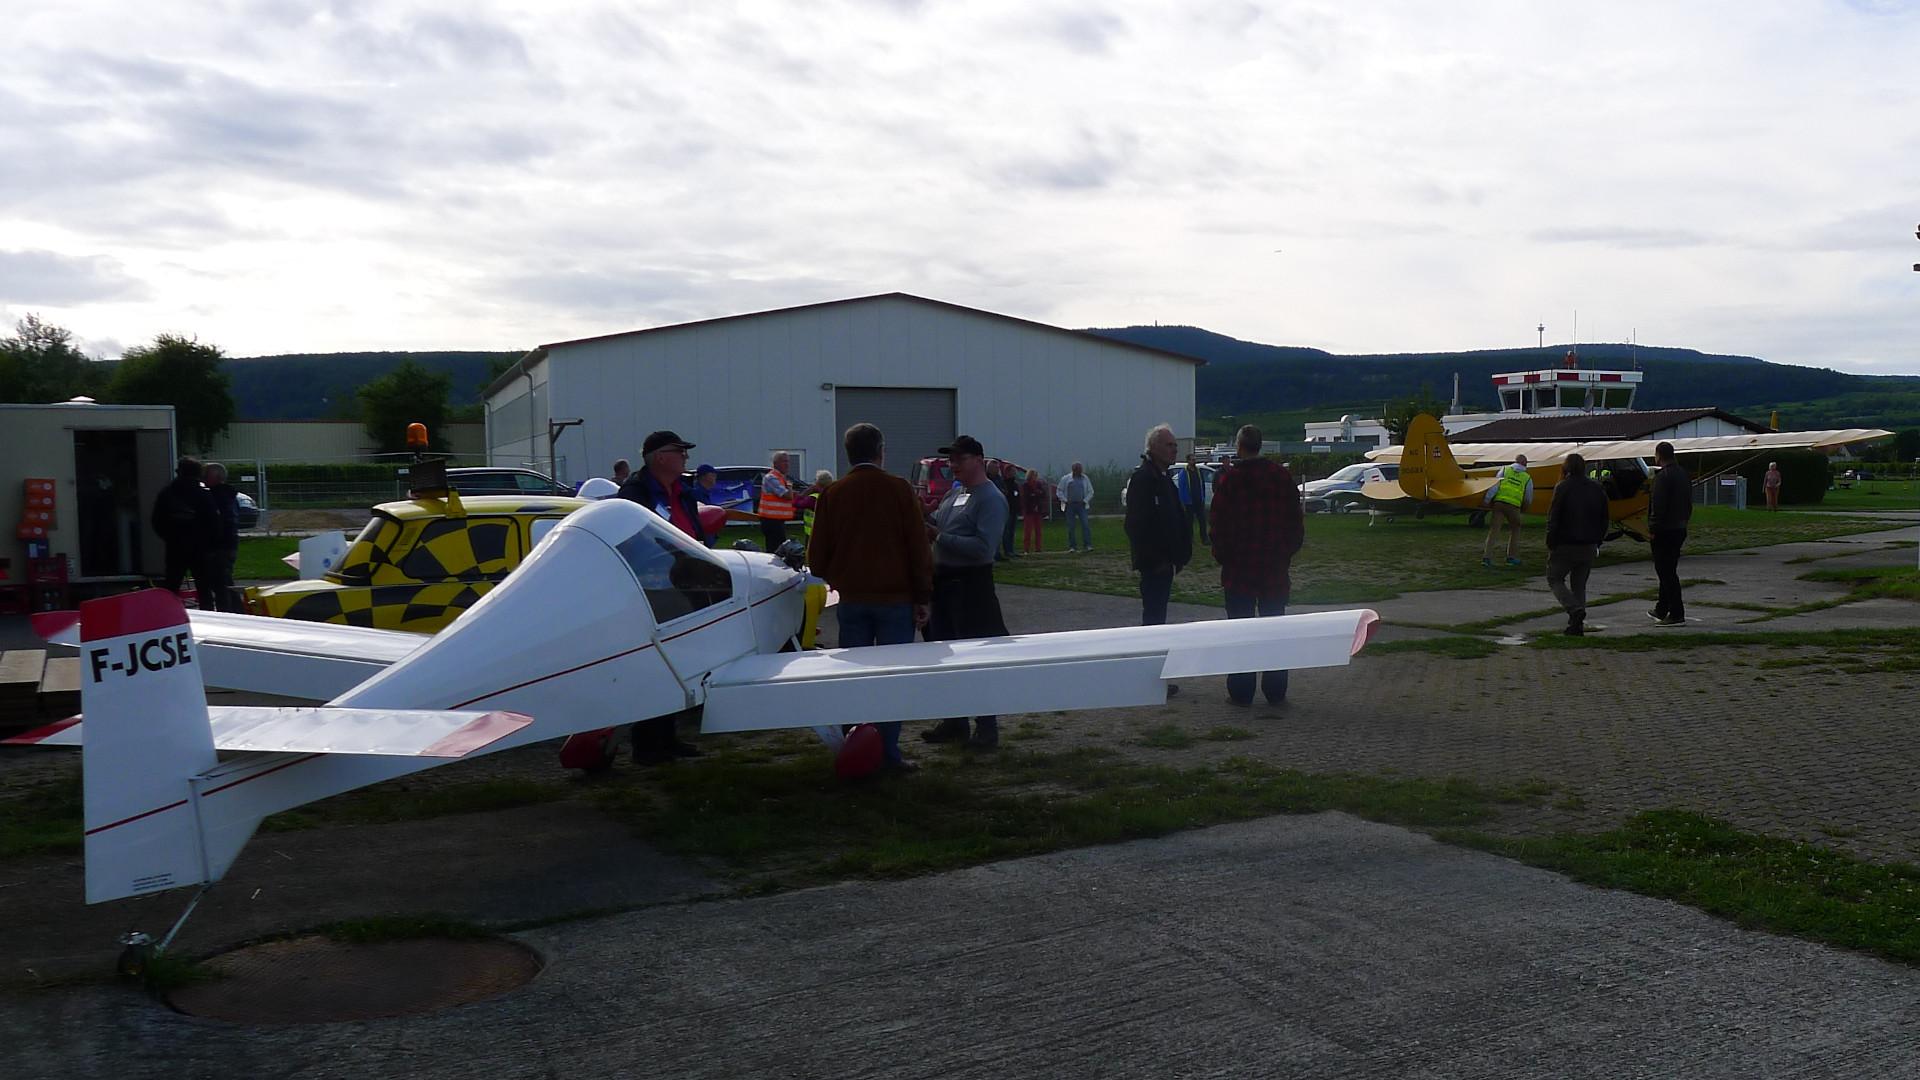 MC-30 Luciole: 120-kg-Flieger mit französischer Kennung © Maja Christ